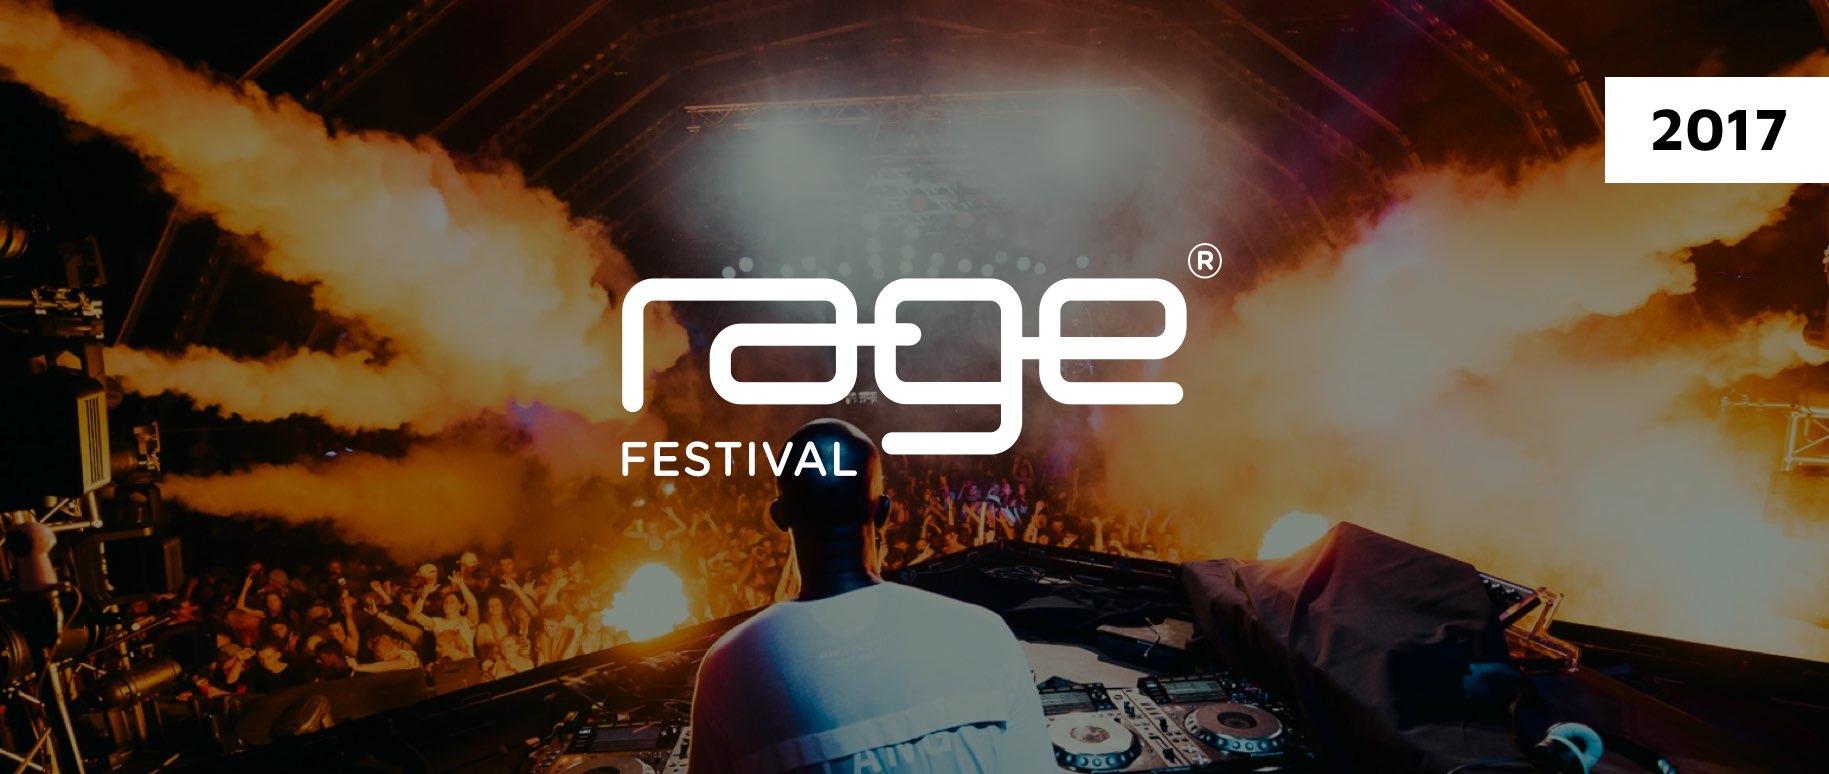 Rage 2017